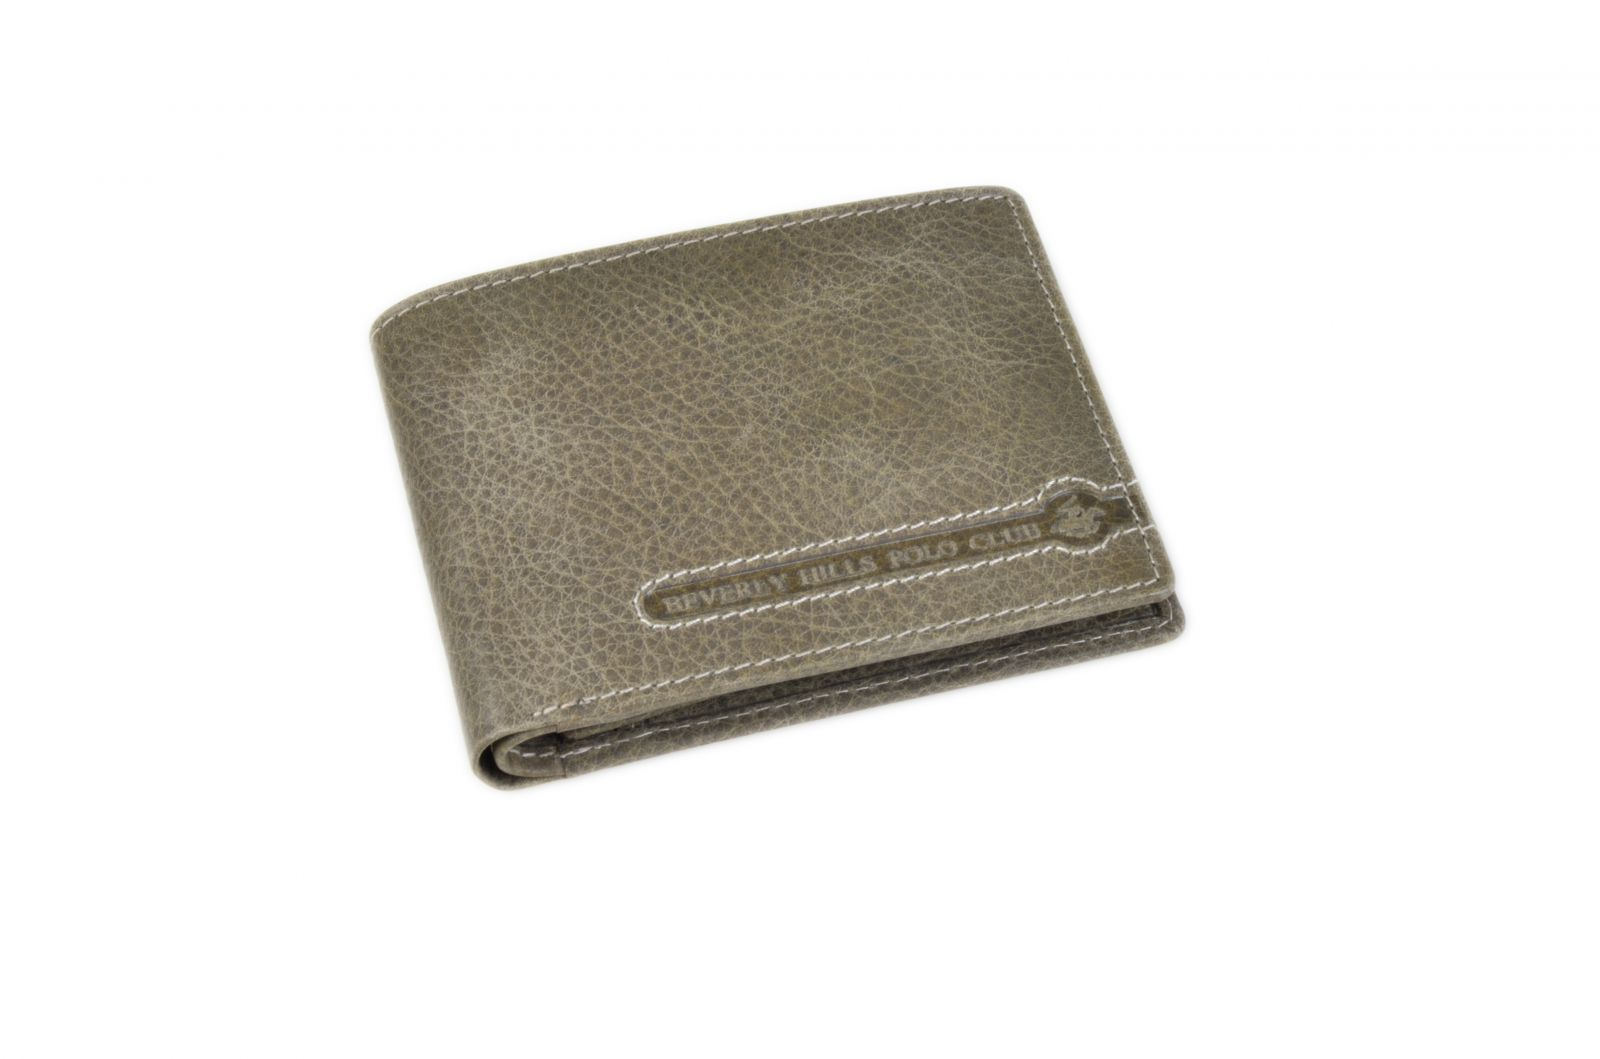 Peněženka pánská BHPC Tucson BH-394-23 antracitová v krabičce